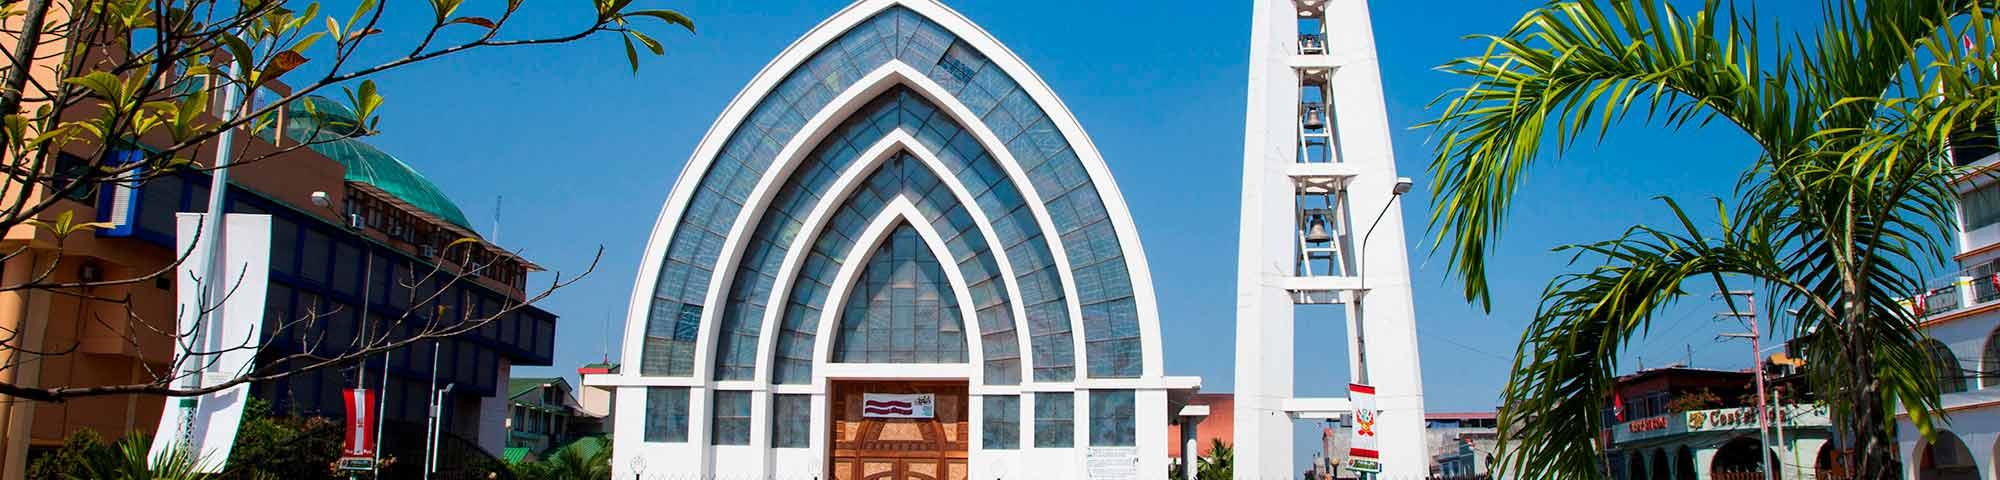 Catedral de Pucallpa Virgen De La Inmaculada